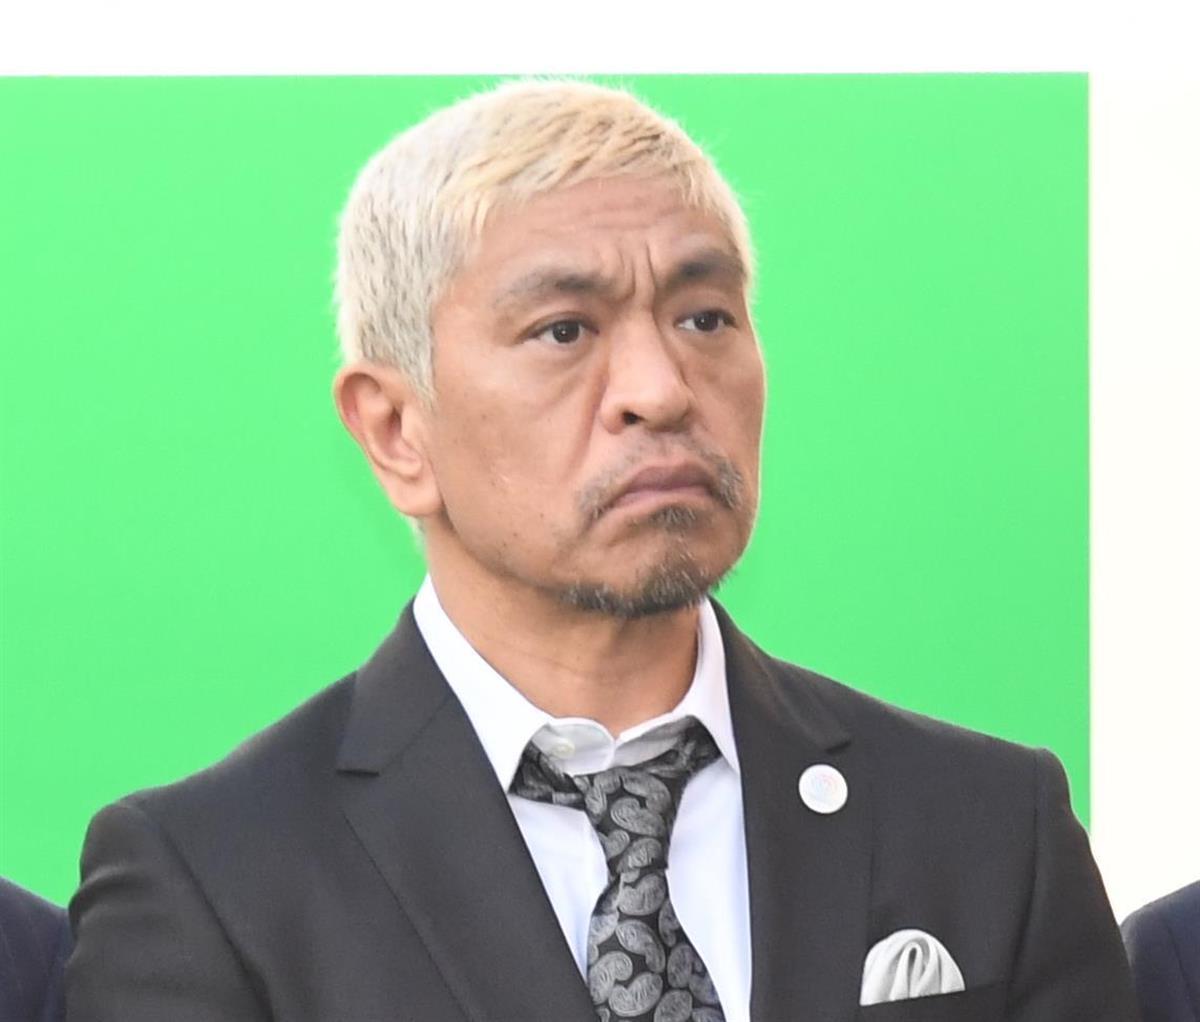 松本人志さん